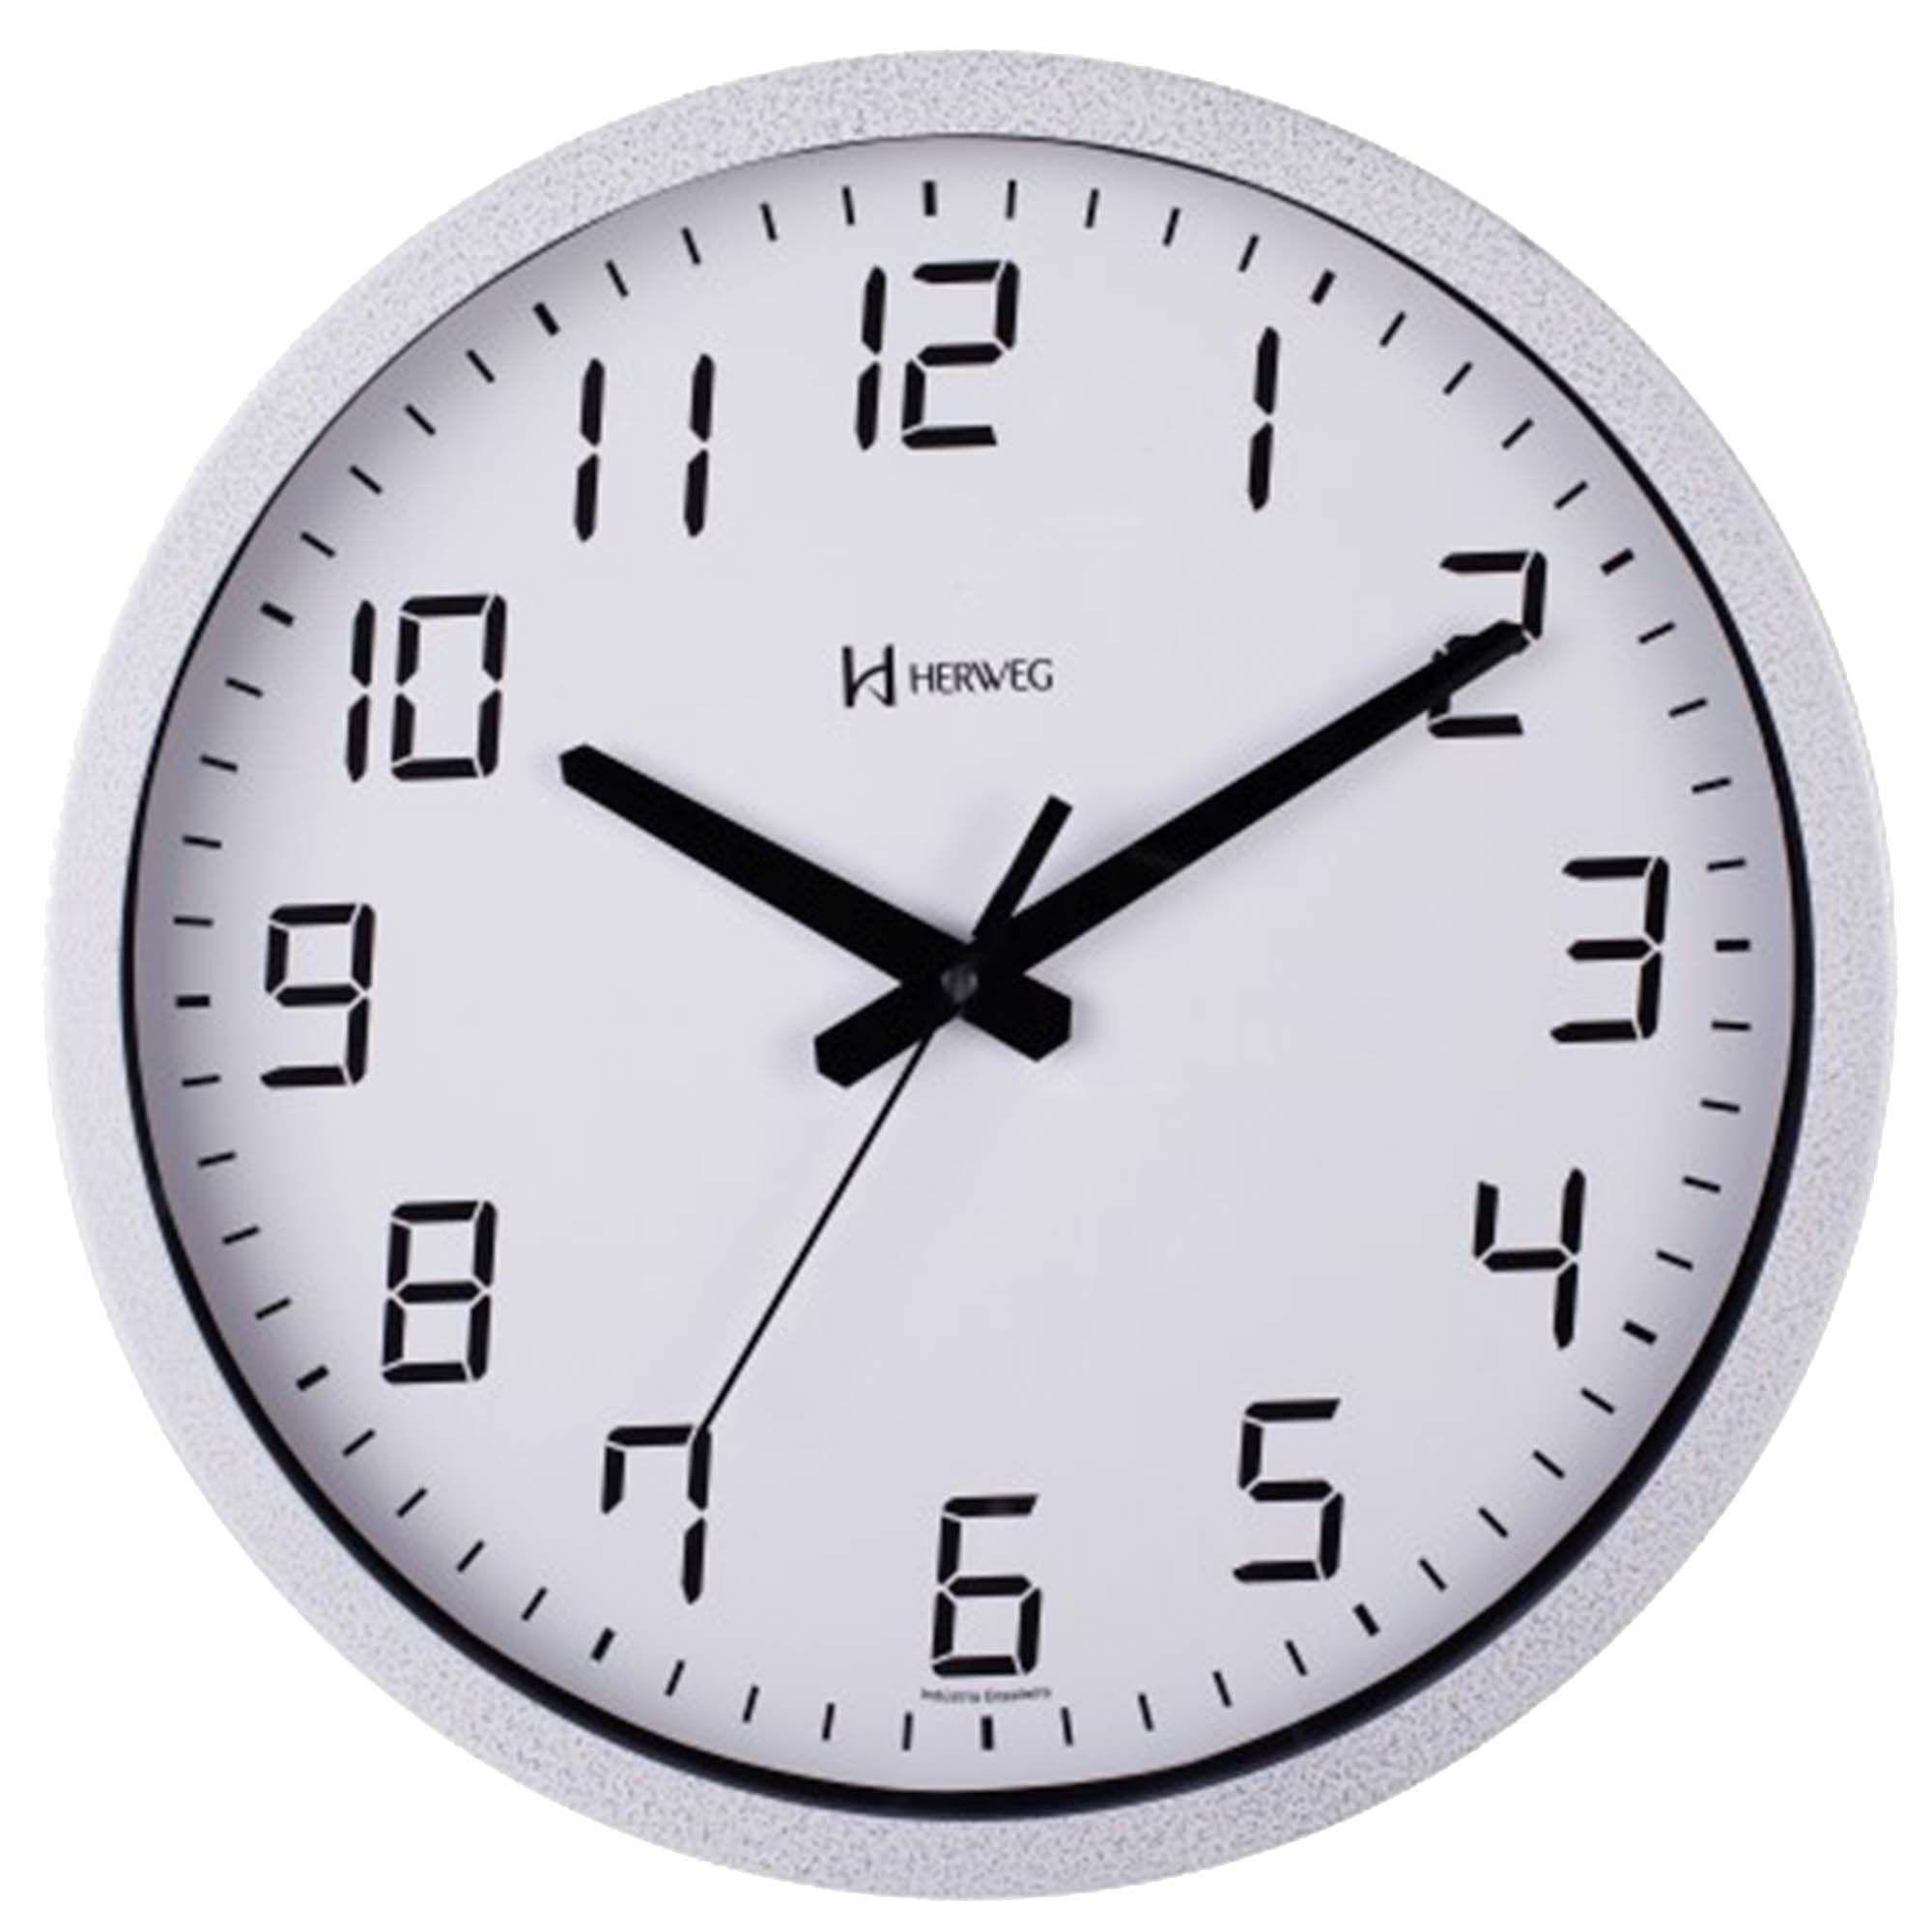 Relógio de Parede Analógico Herweg 6722 064 Branco Craquelado